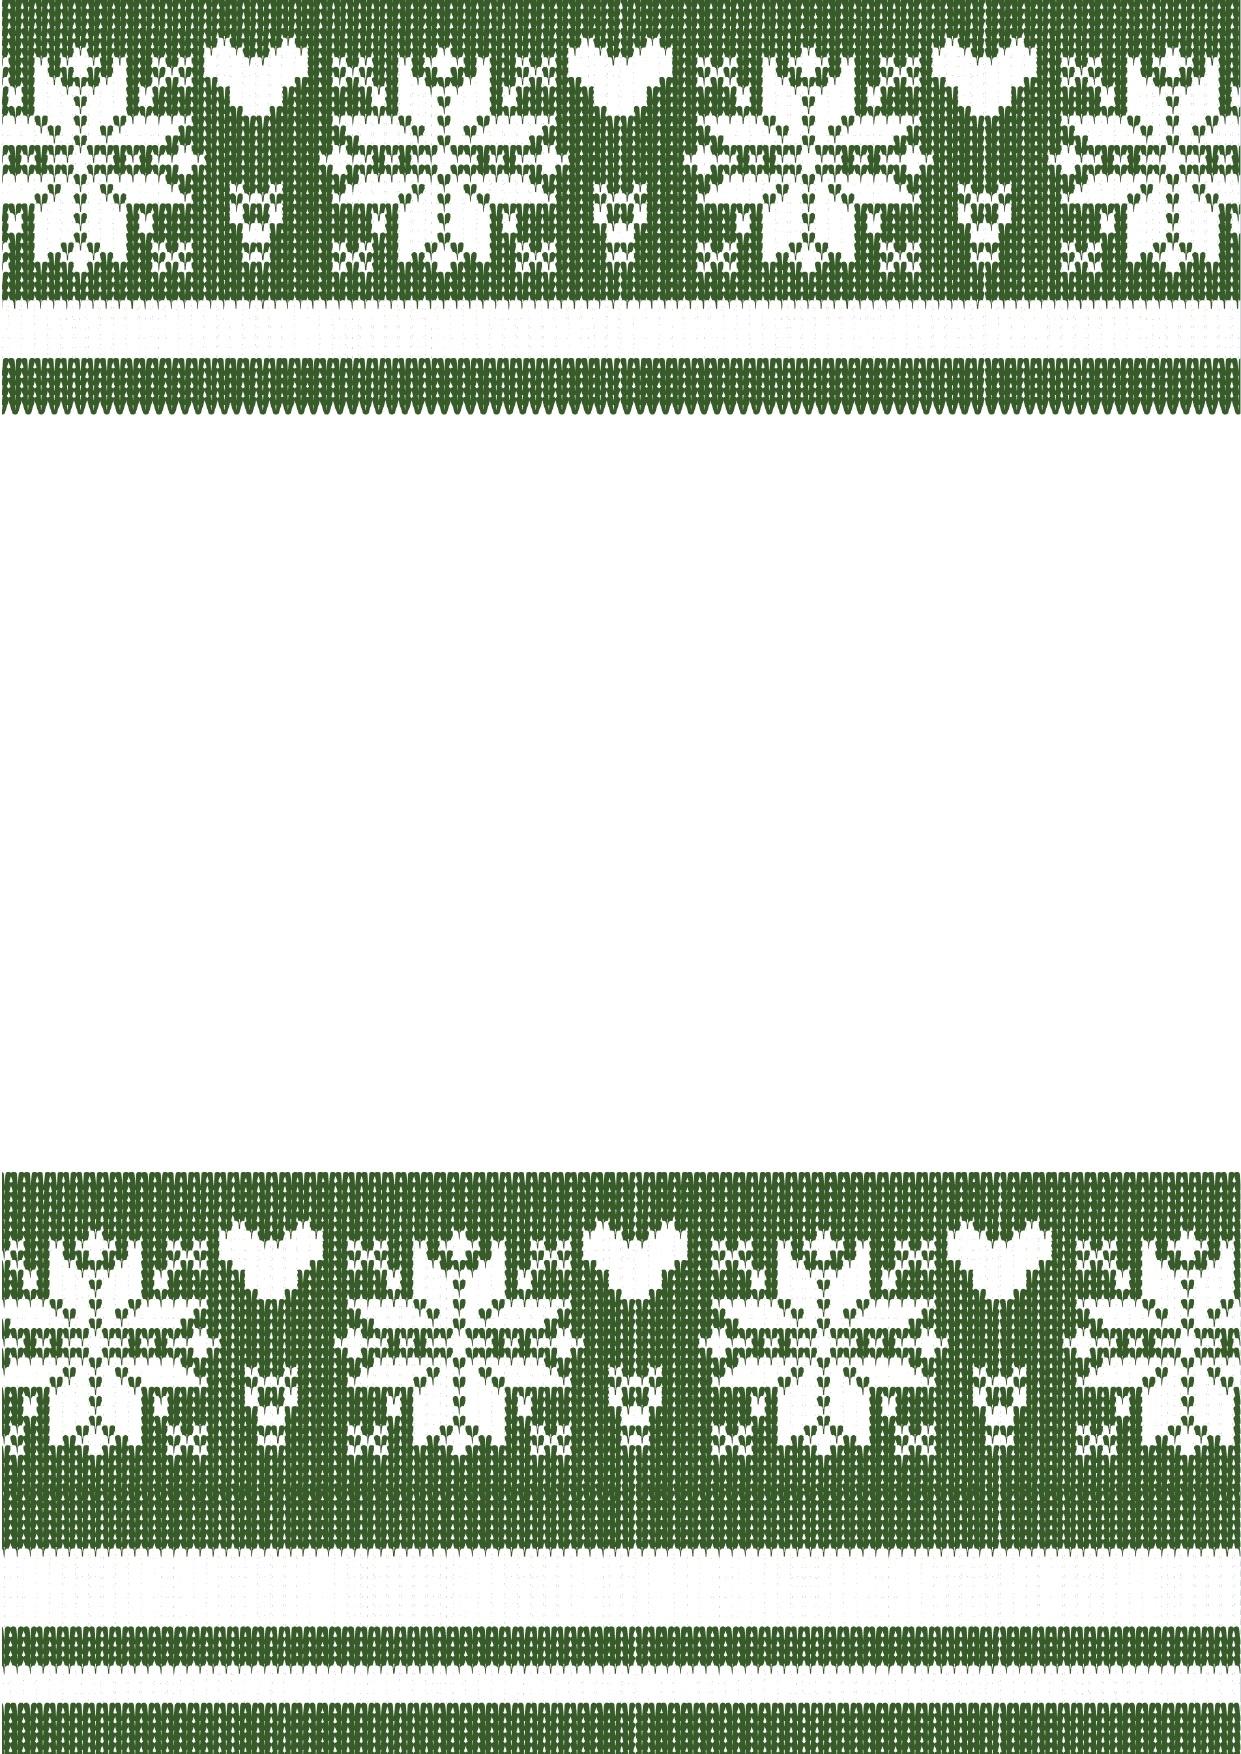 グリーン(緑)のニット素材のフレーム